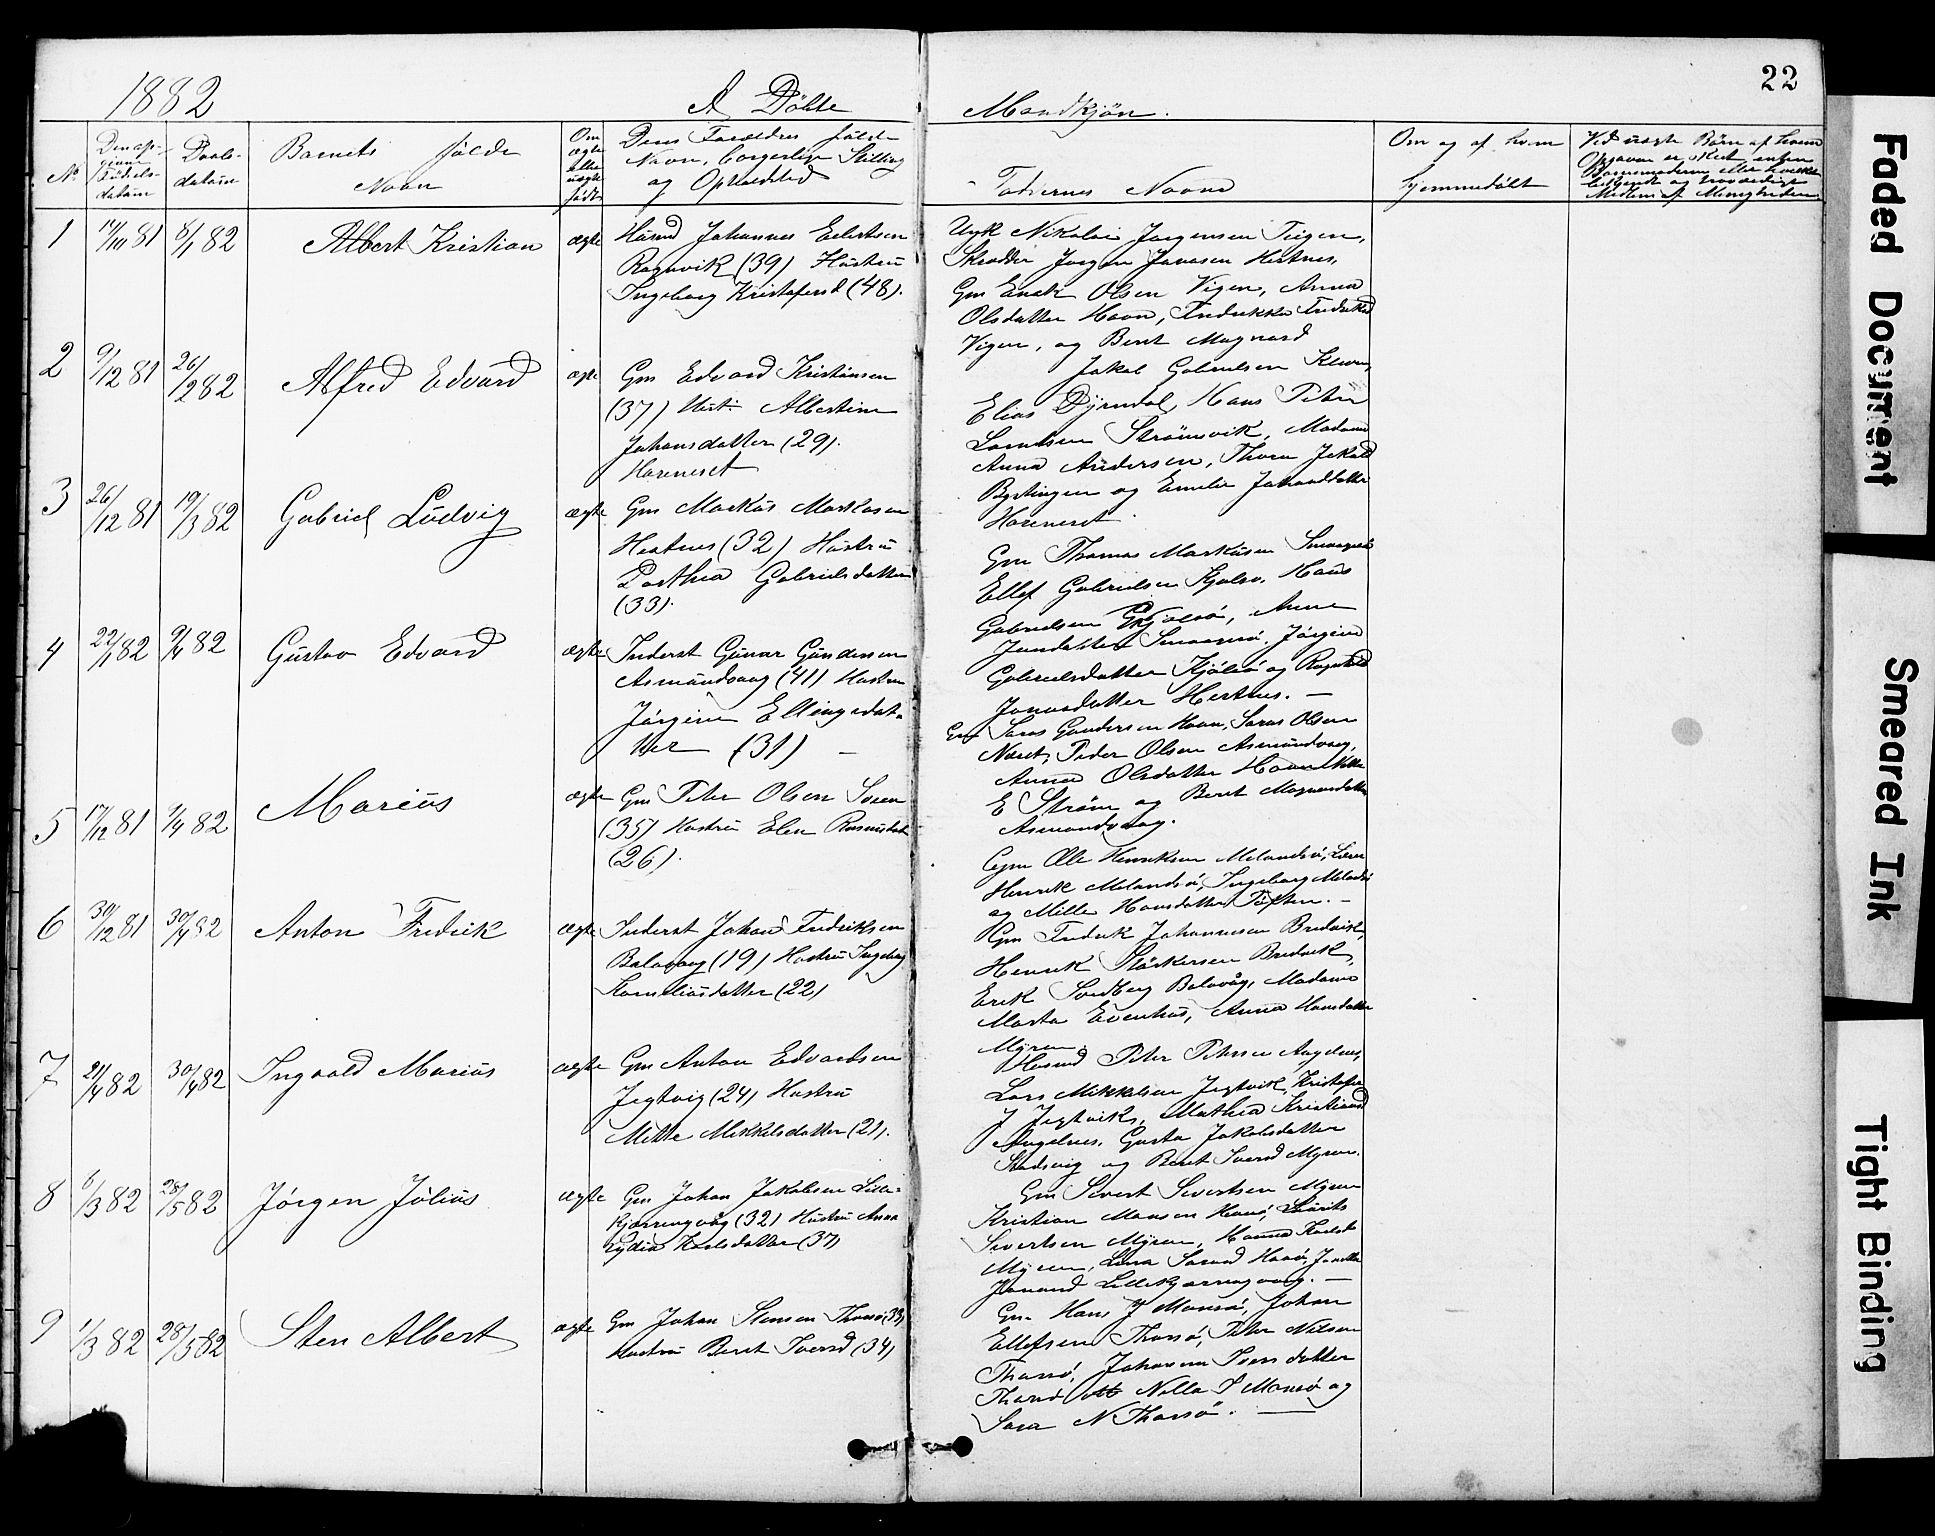 SAT, Ministerialprotokoller, klokkerbøker og fødselsregistre - Sør-Trøndelag, 634/L0541: Klokkerbok nr. 634C03, 1874-1891, s. 22